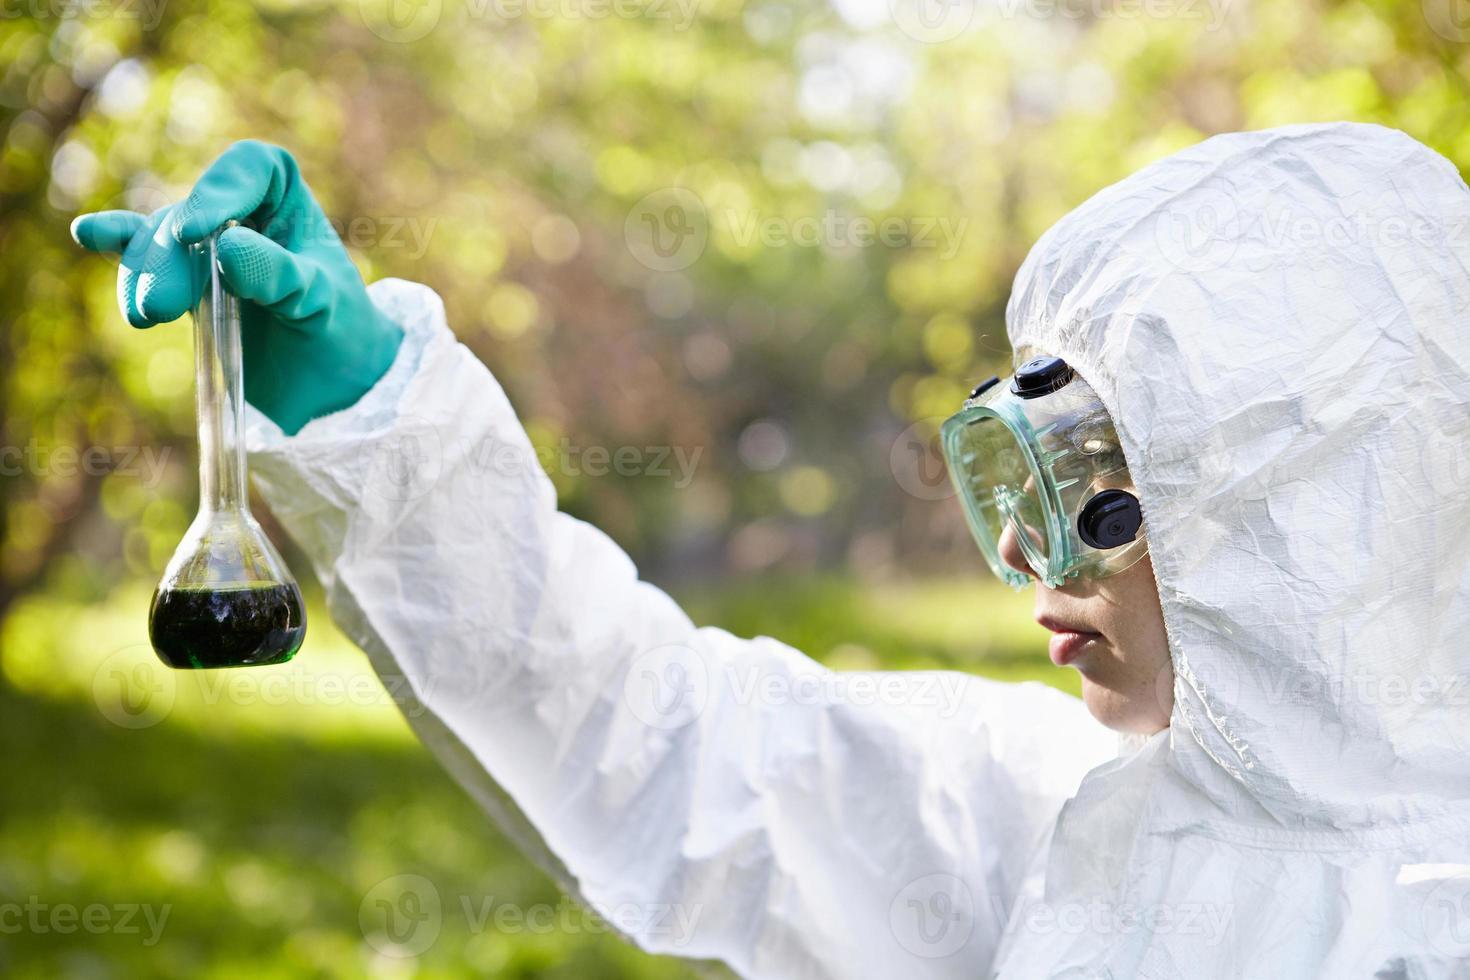 ecologia e poluição ambiental. teste de água. foto